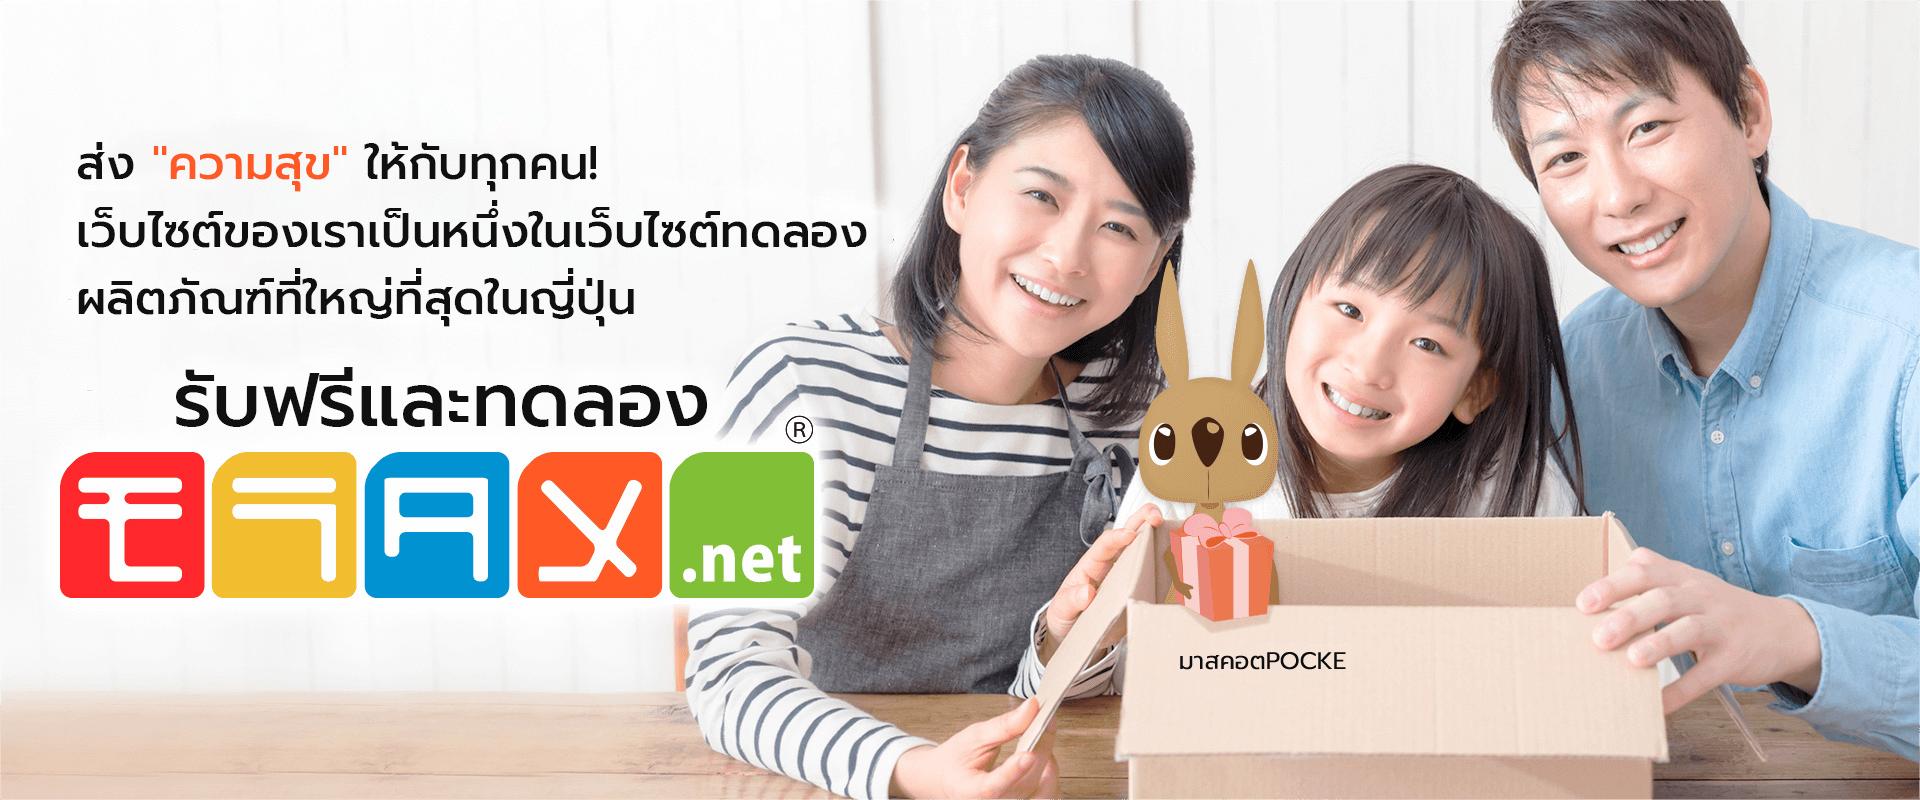 """ส่ง """"ความสุข"""" ให้กับทุกคน! เว็บไซต์ของเราเป็นหนึ่งในเว็บไซต์ทดลองผลิตภัณฑ์ที่ใหญ่ที่สุดในญี่ปุ่น รับฟรีและทดลอง MORATAME.net"""